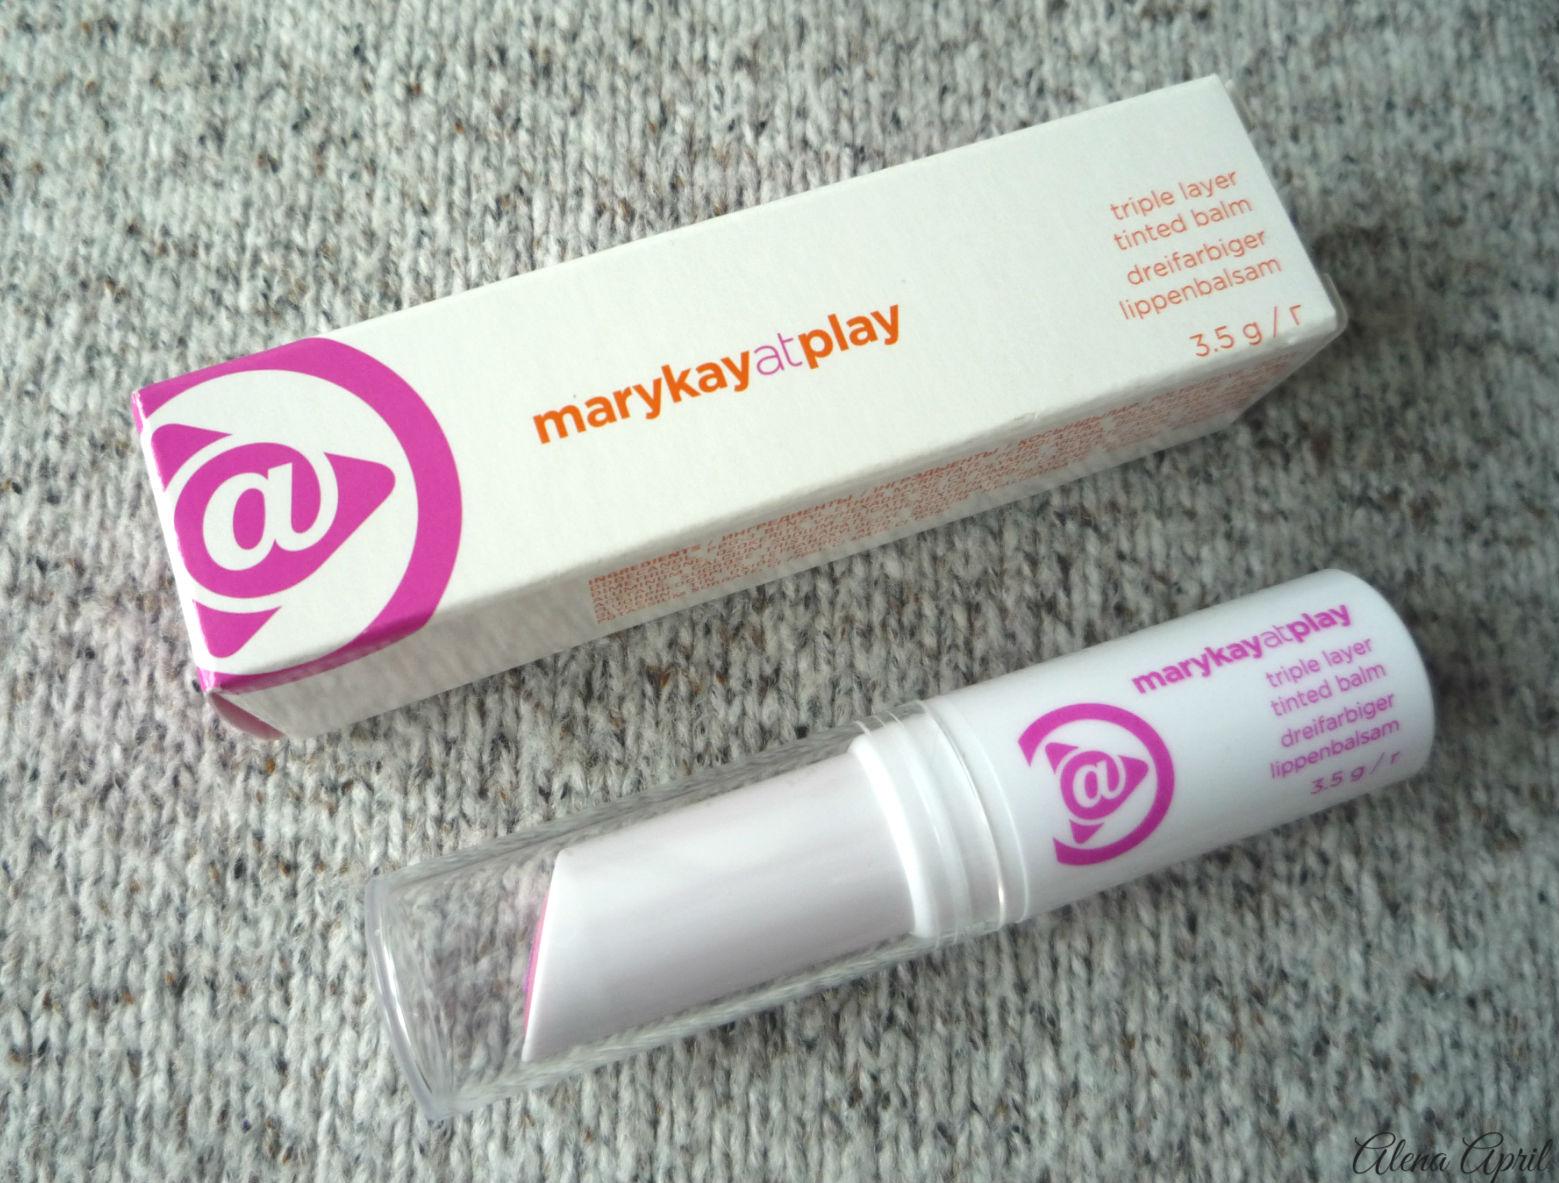 Отзыв, Цветной бальзам для губ 3 в 1 marykayatplay™, Розовые грезы, Pink Again, Mary Kay